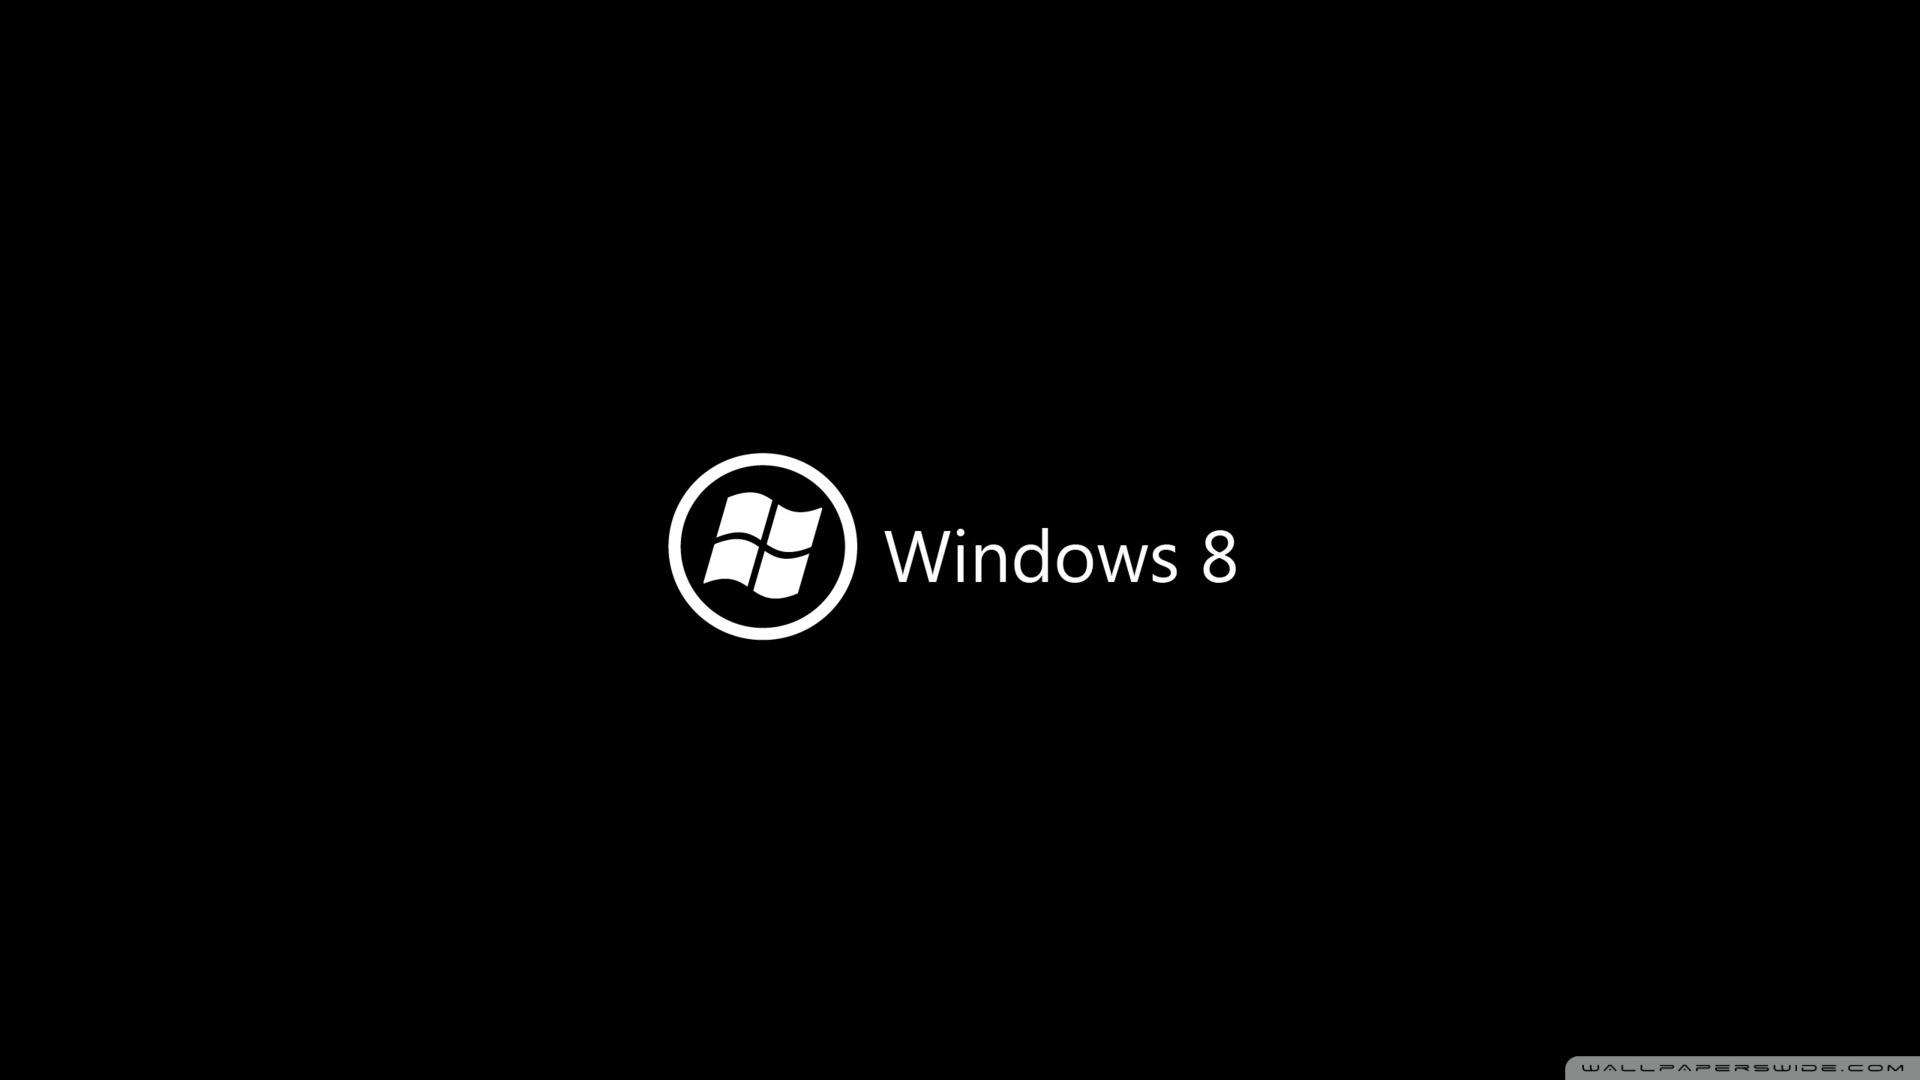 windows 8 ❤ 4k hd desktop wallpaper for 4k ultra hd tv • wide